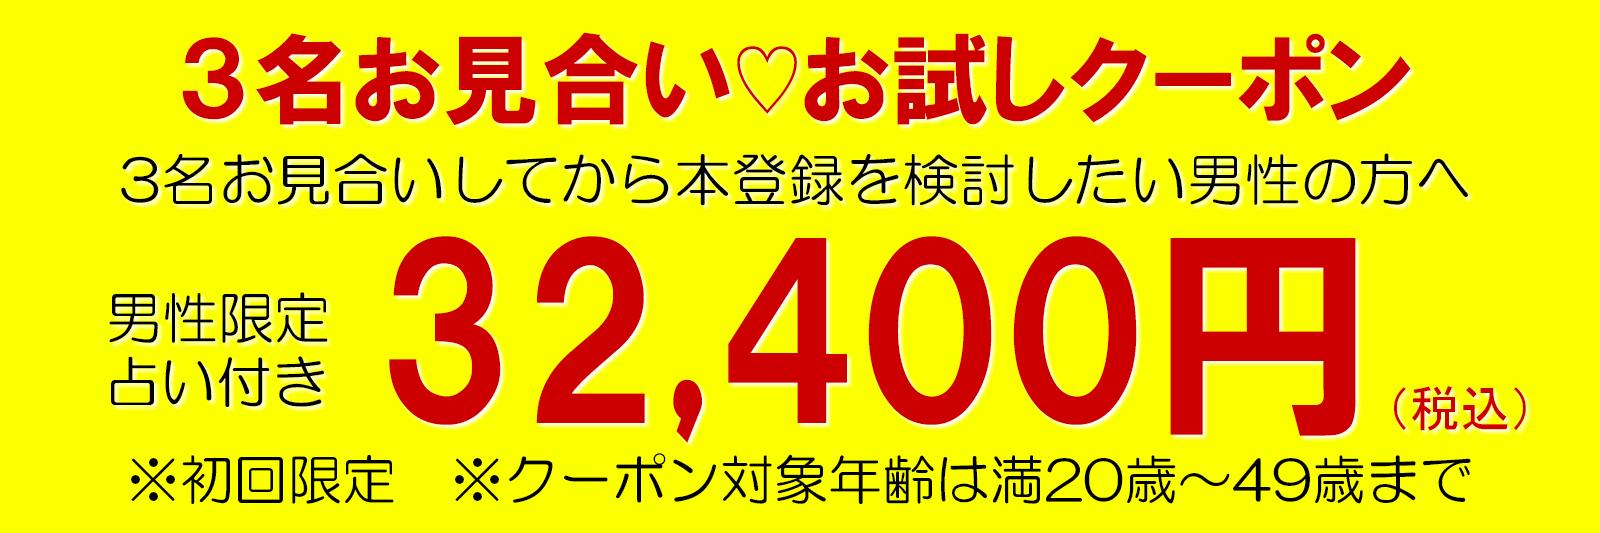 東京で婚活なら3名お見合いお試しクーポン!3名お見合いしてから本登録を検討したい男性の方へ